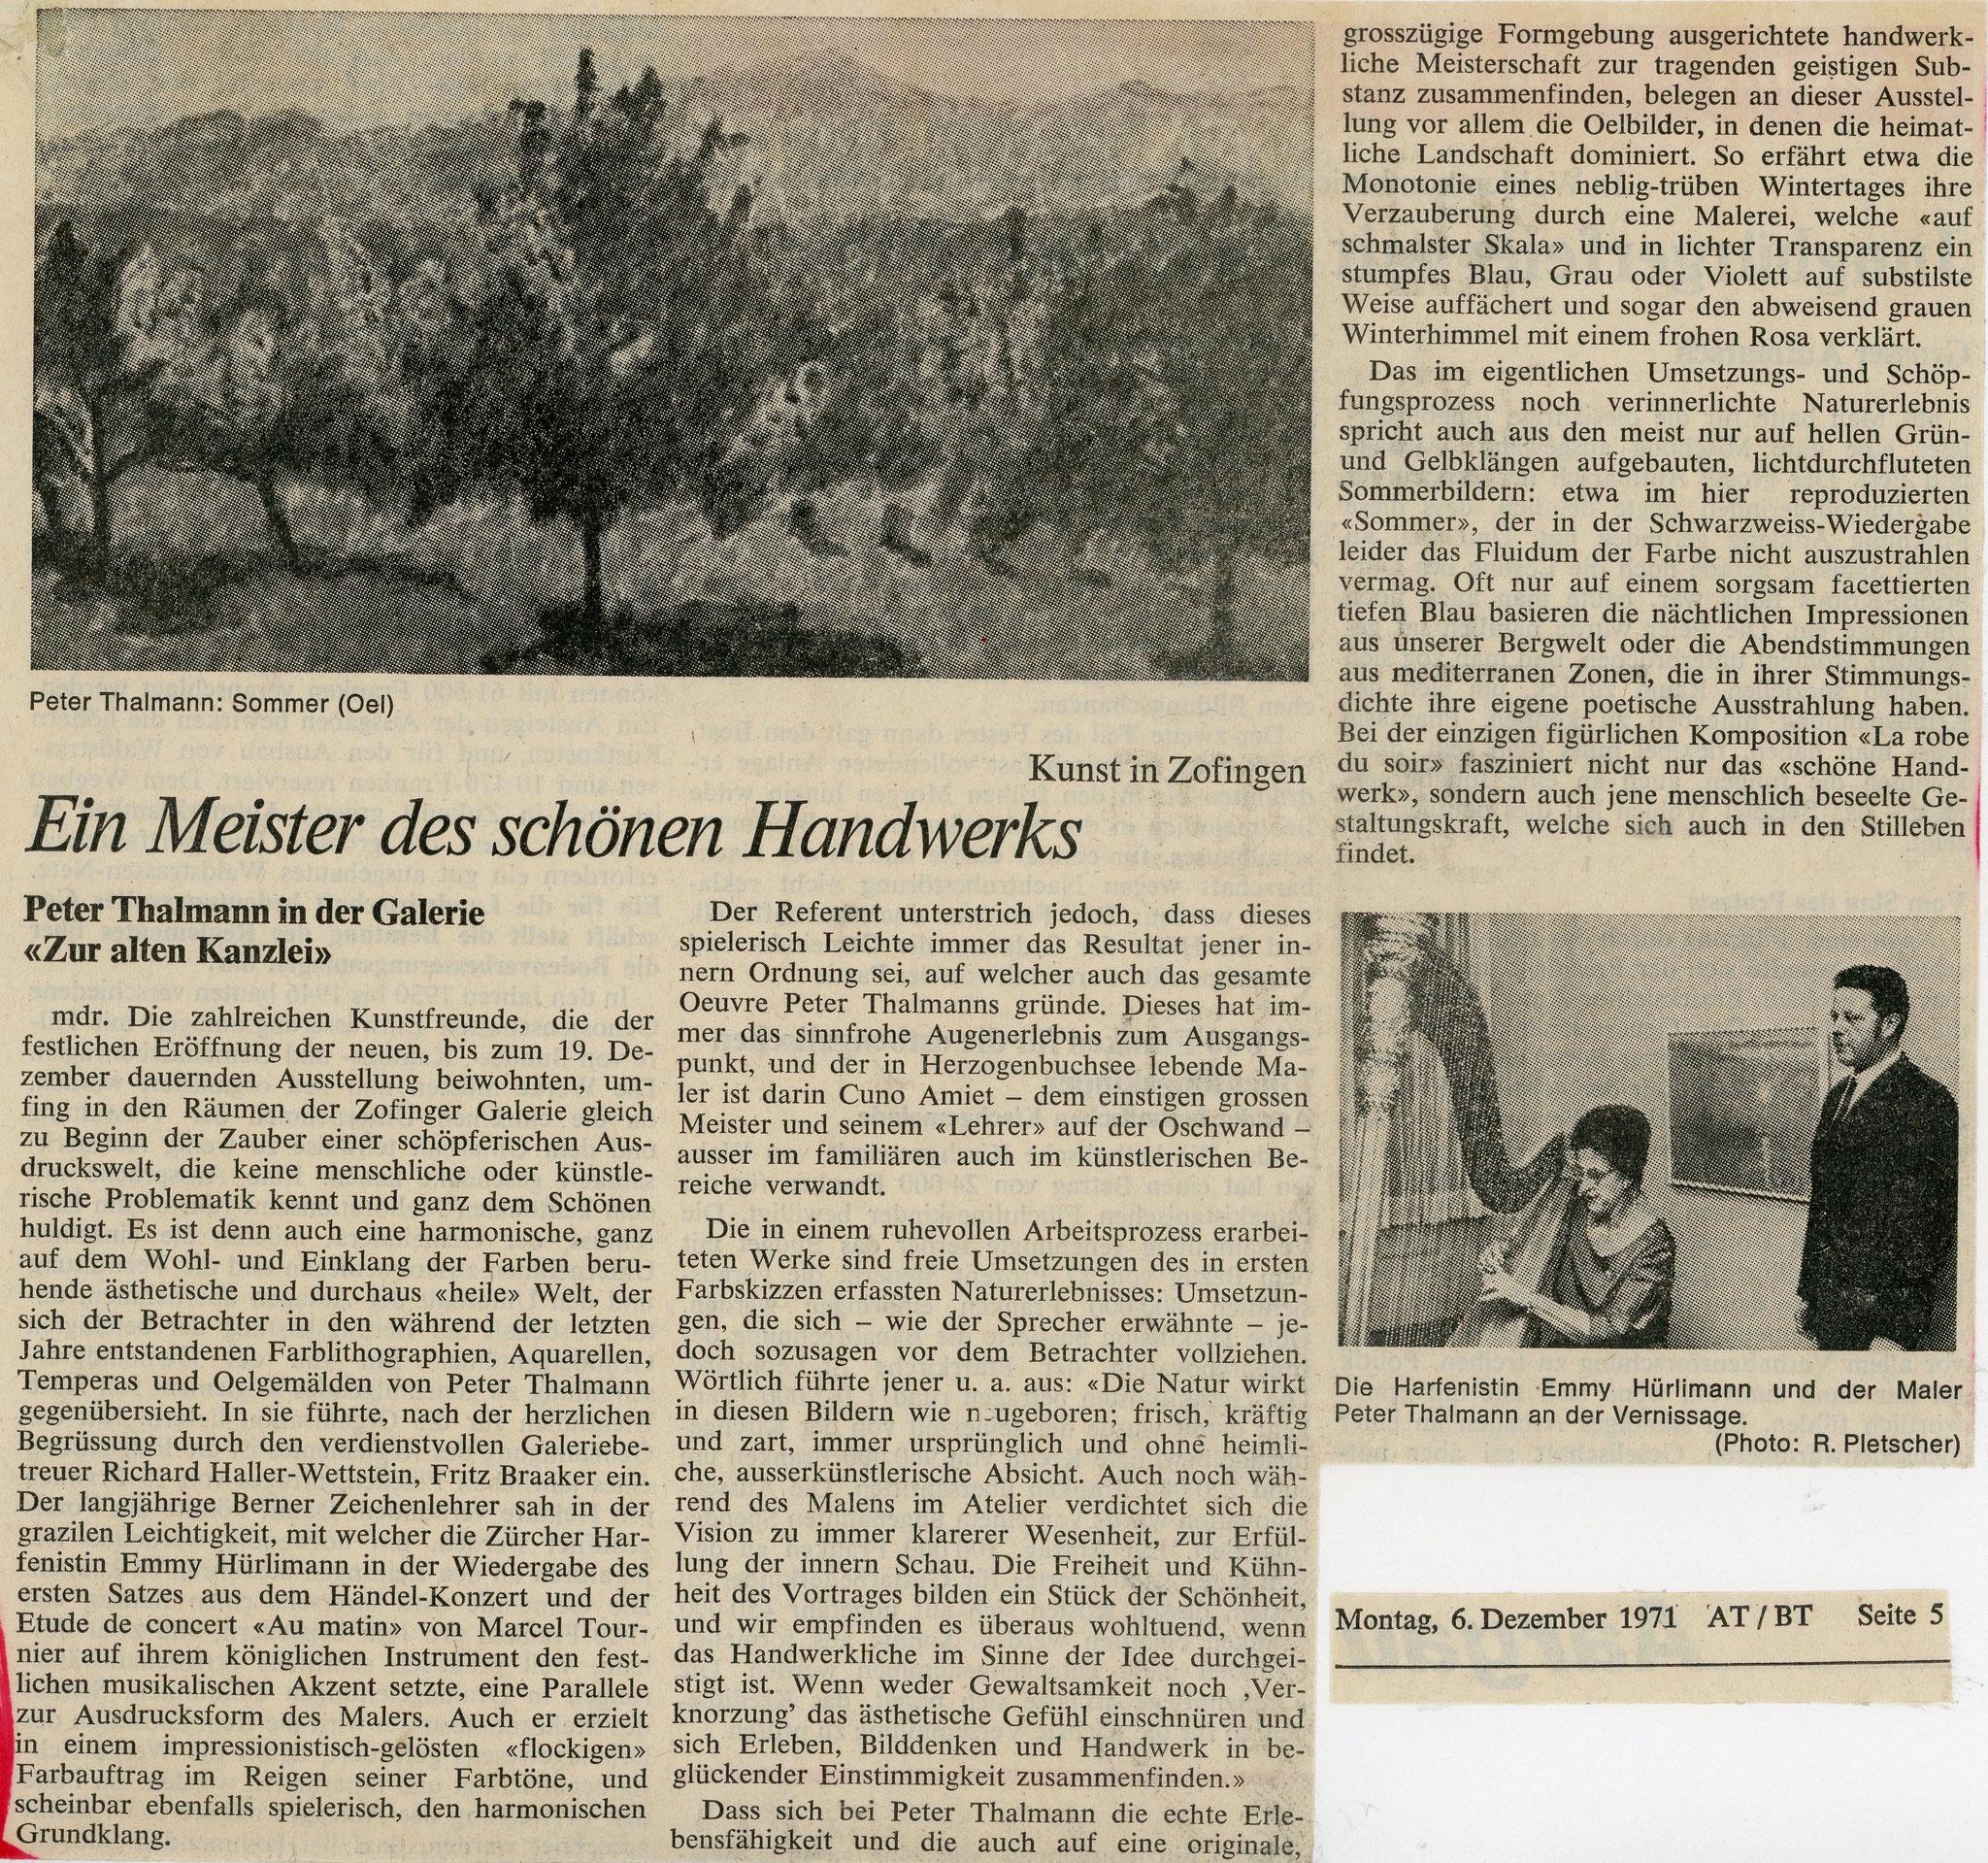 1971, Galerie zur Alten Kanzlei, Zofingen: Zeitungsbericht